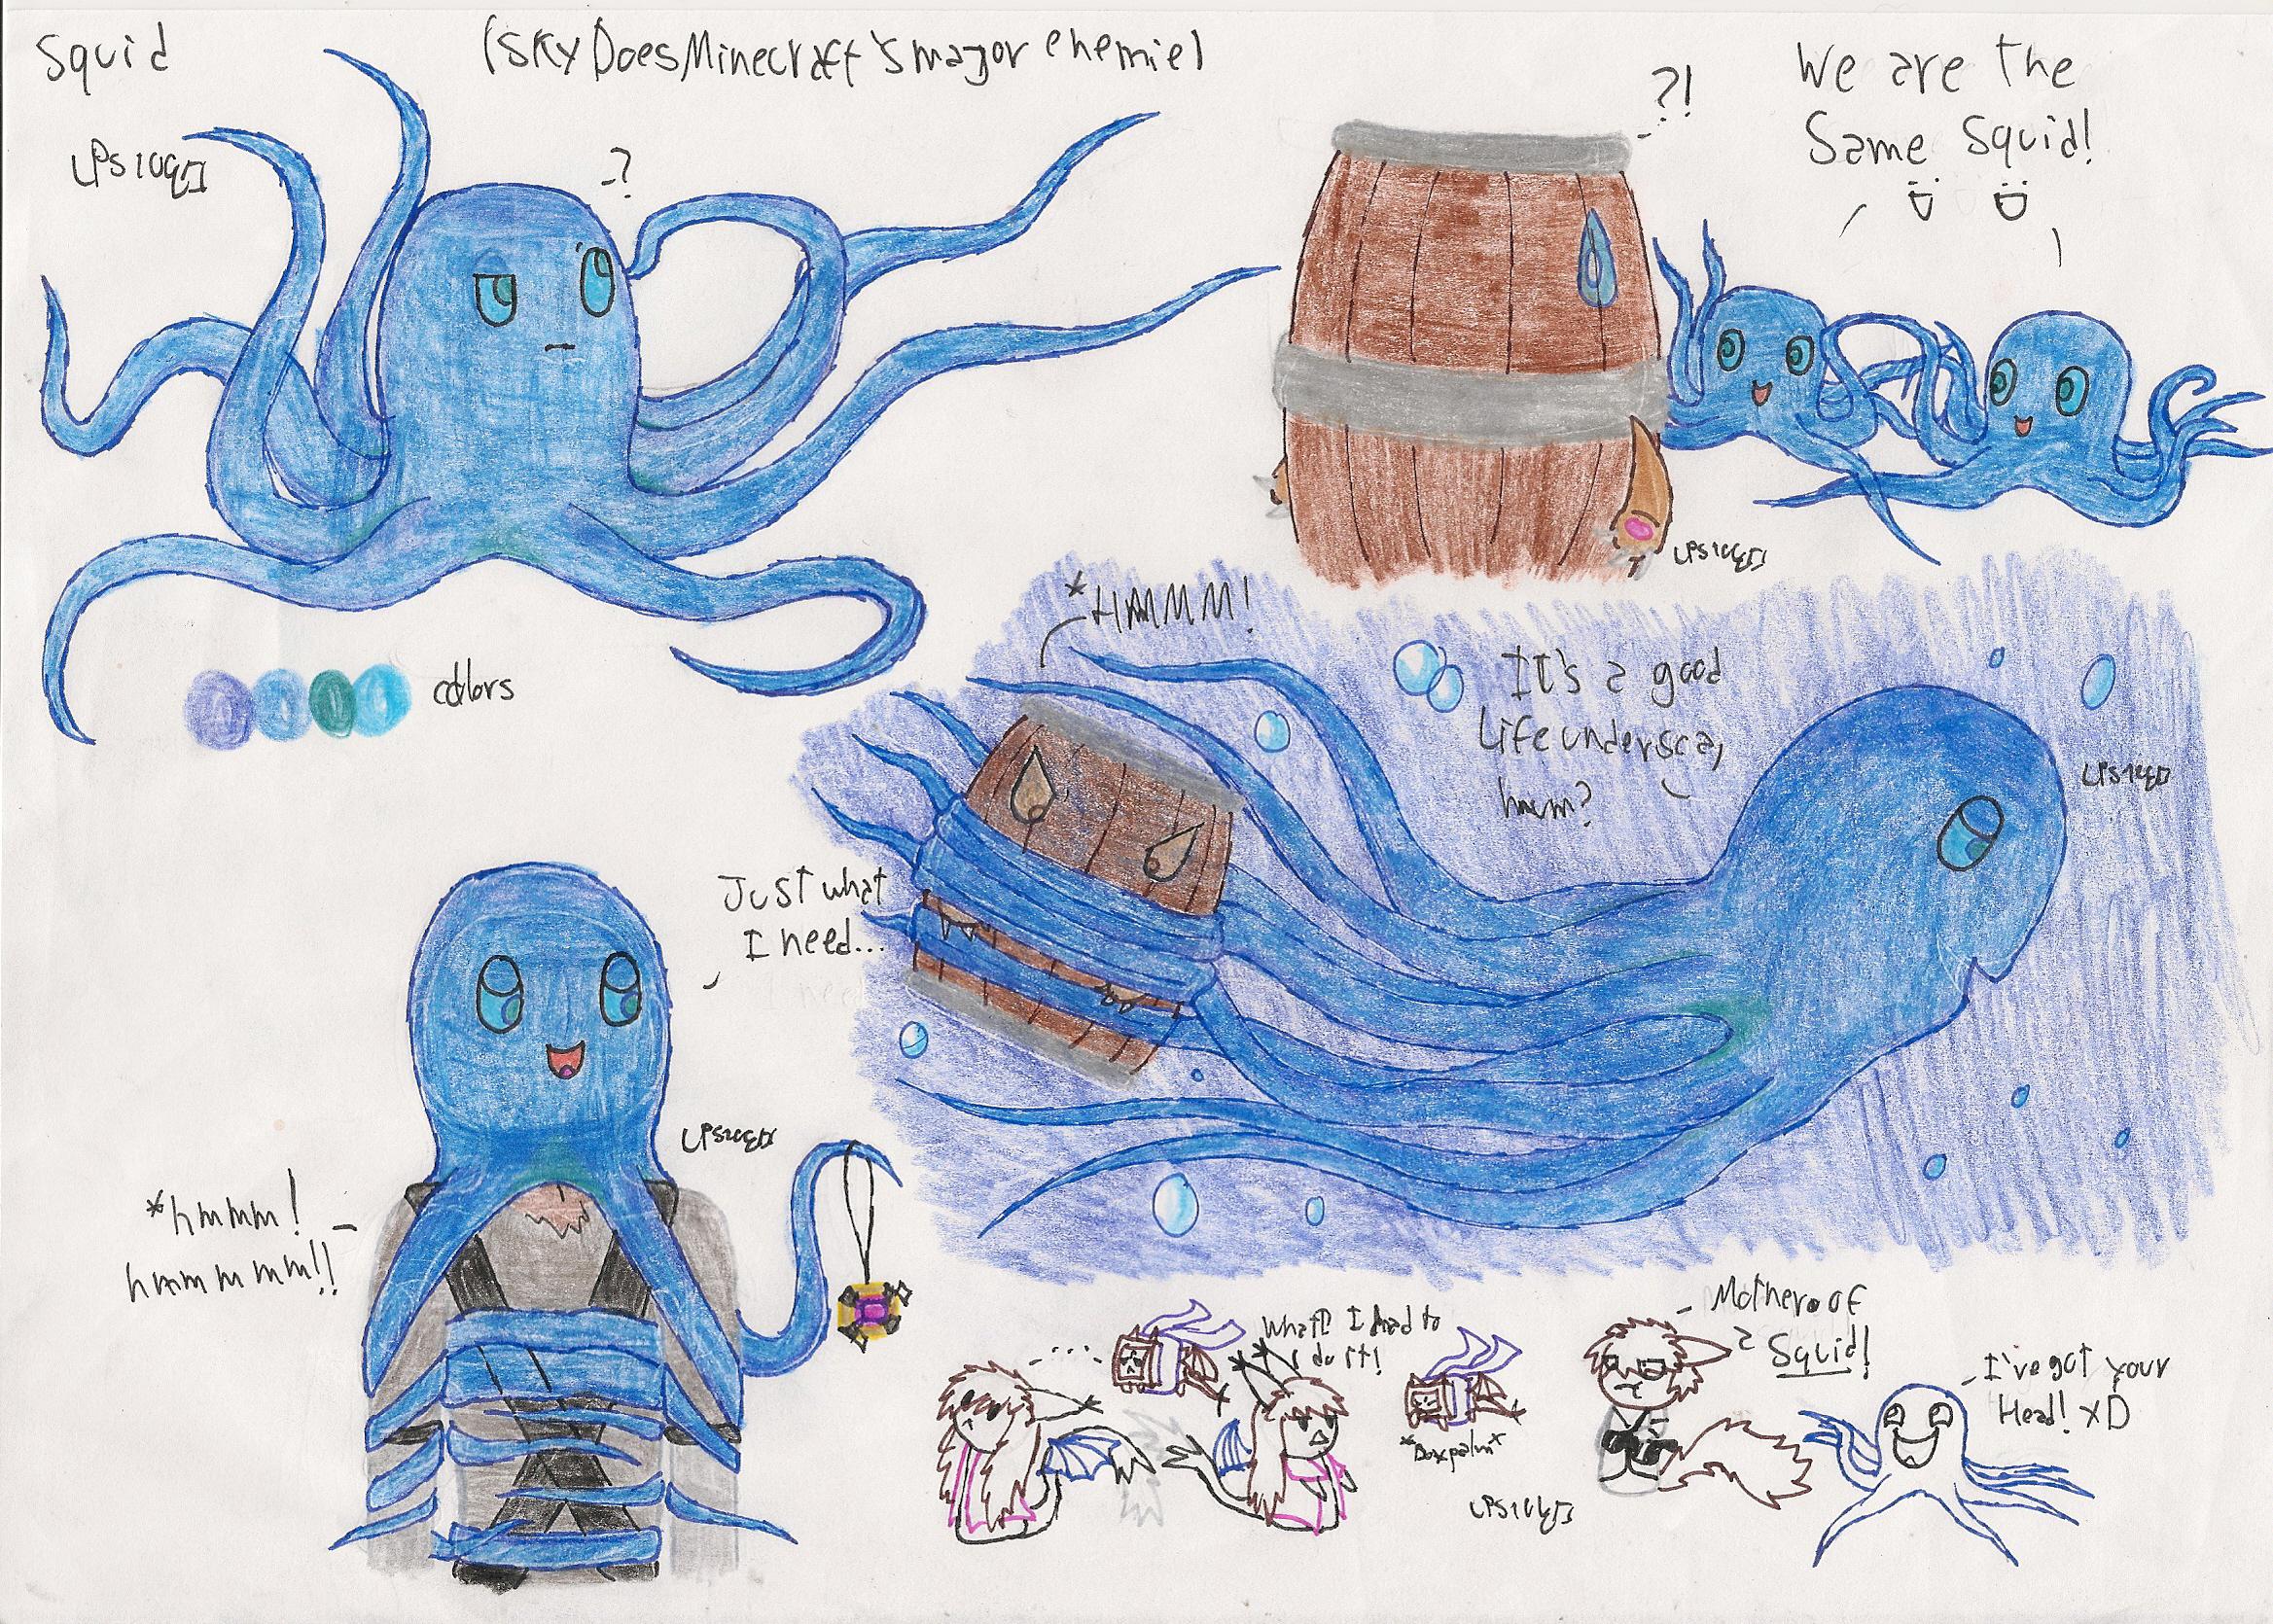 Squid Skydoesminecraft's